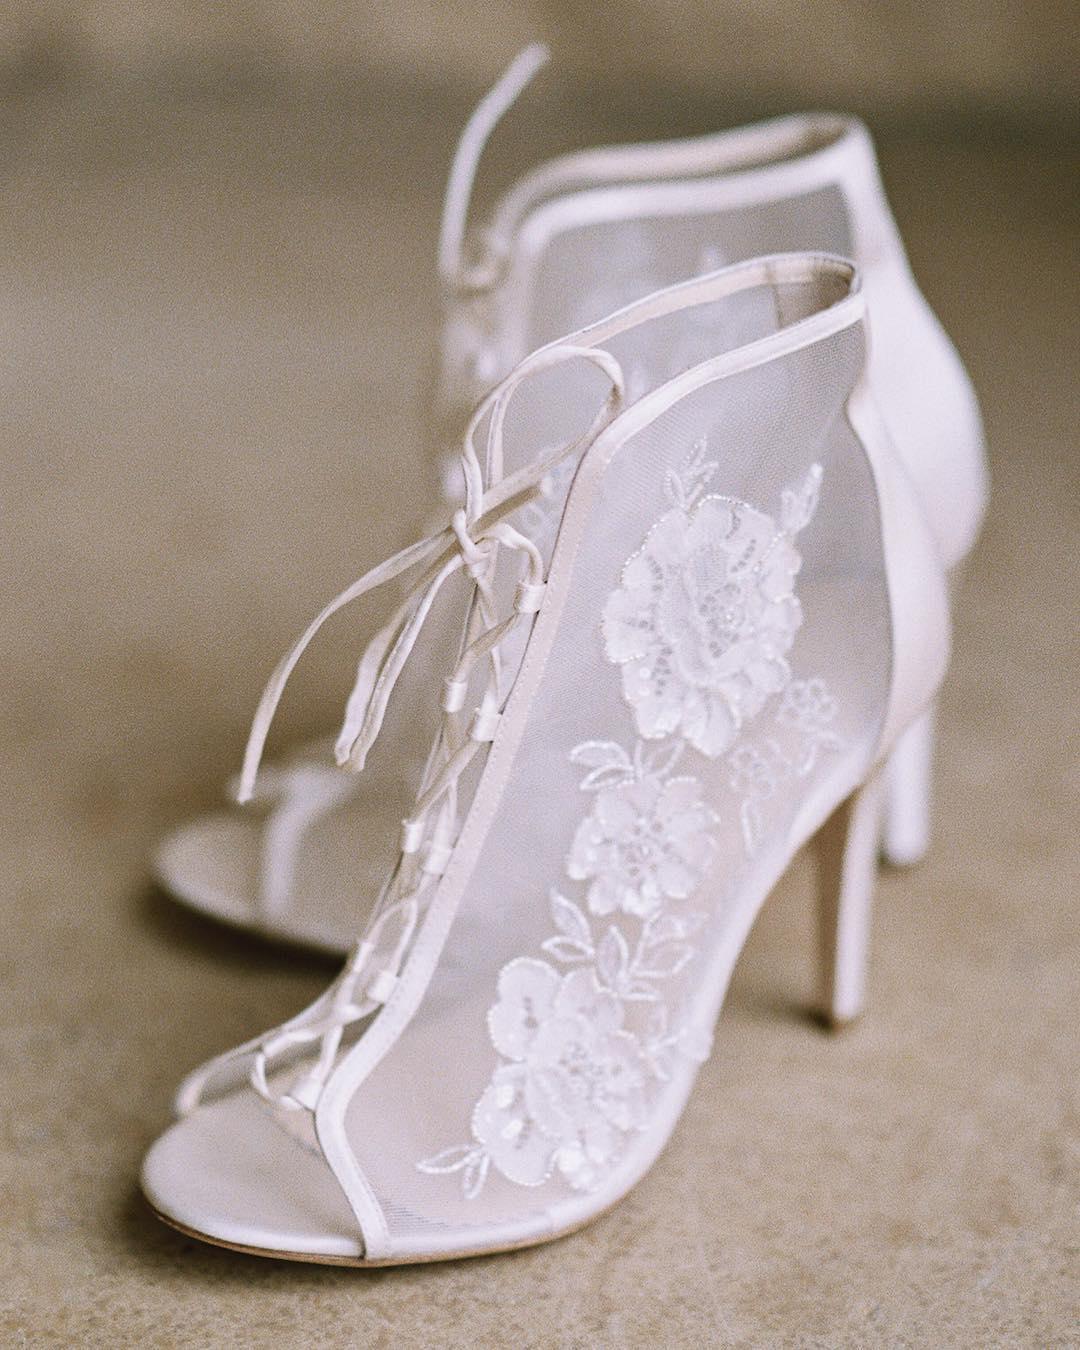 bella belle bootie heels